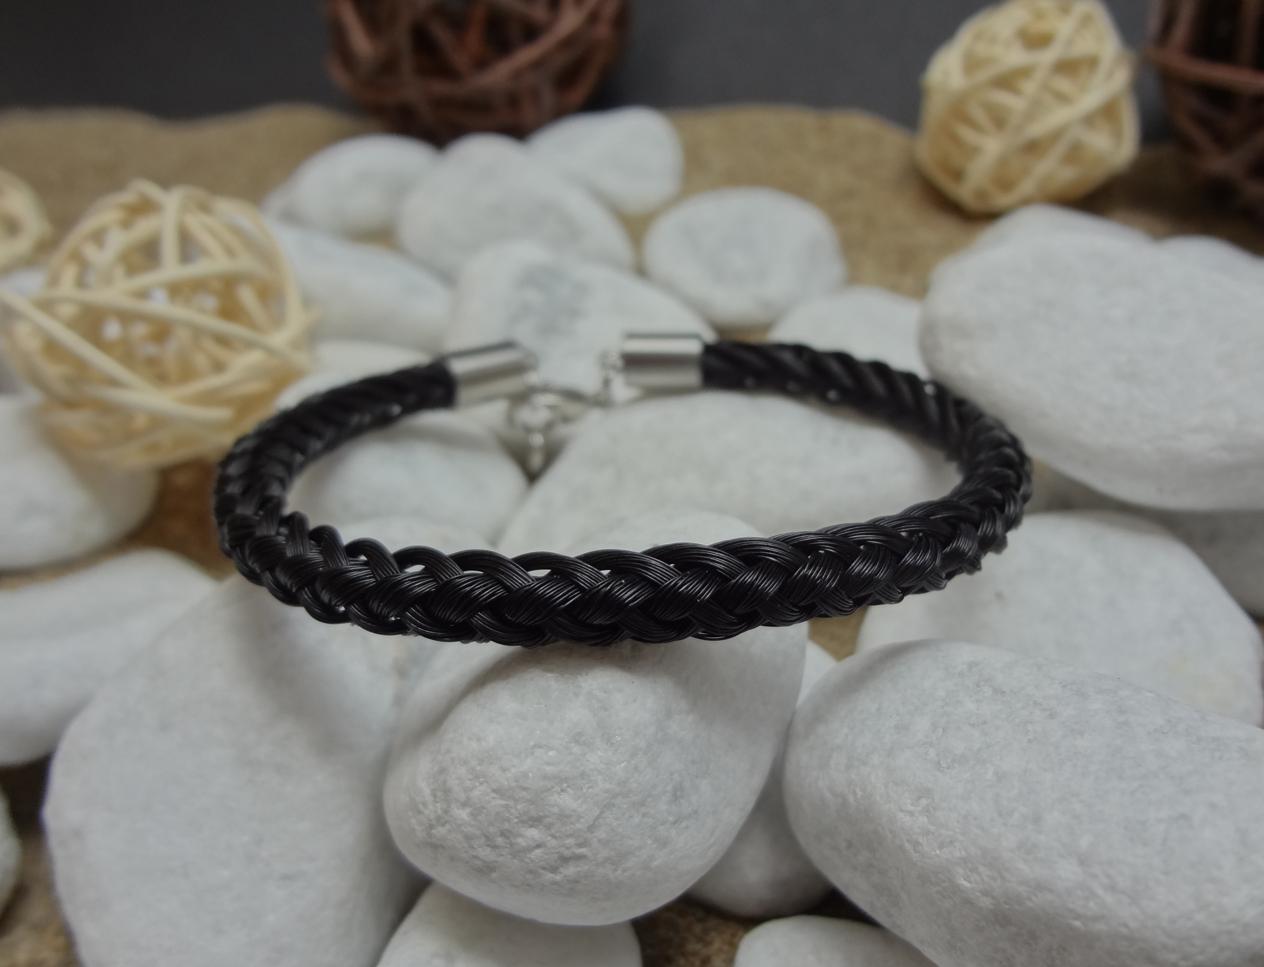 R8-schwarz: Rund geflochtenes Pferdehaar-Armband aus 8 schwarzen Strängen, mit Edelstahl-Karabinerverschluss - Preis: 54 Euro